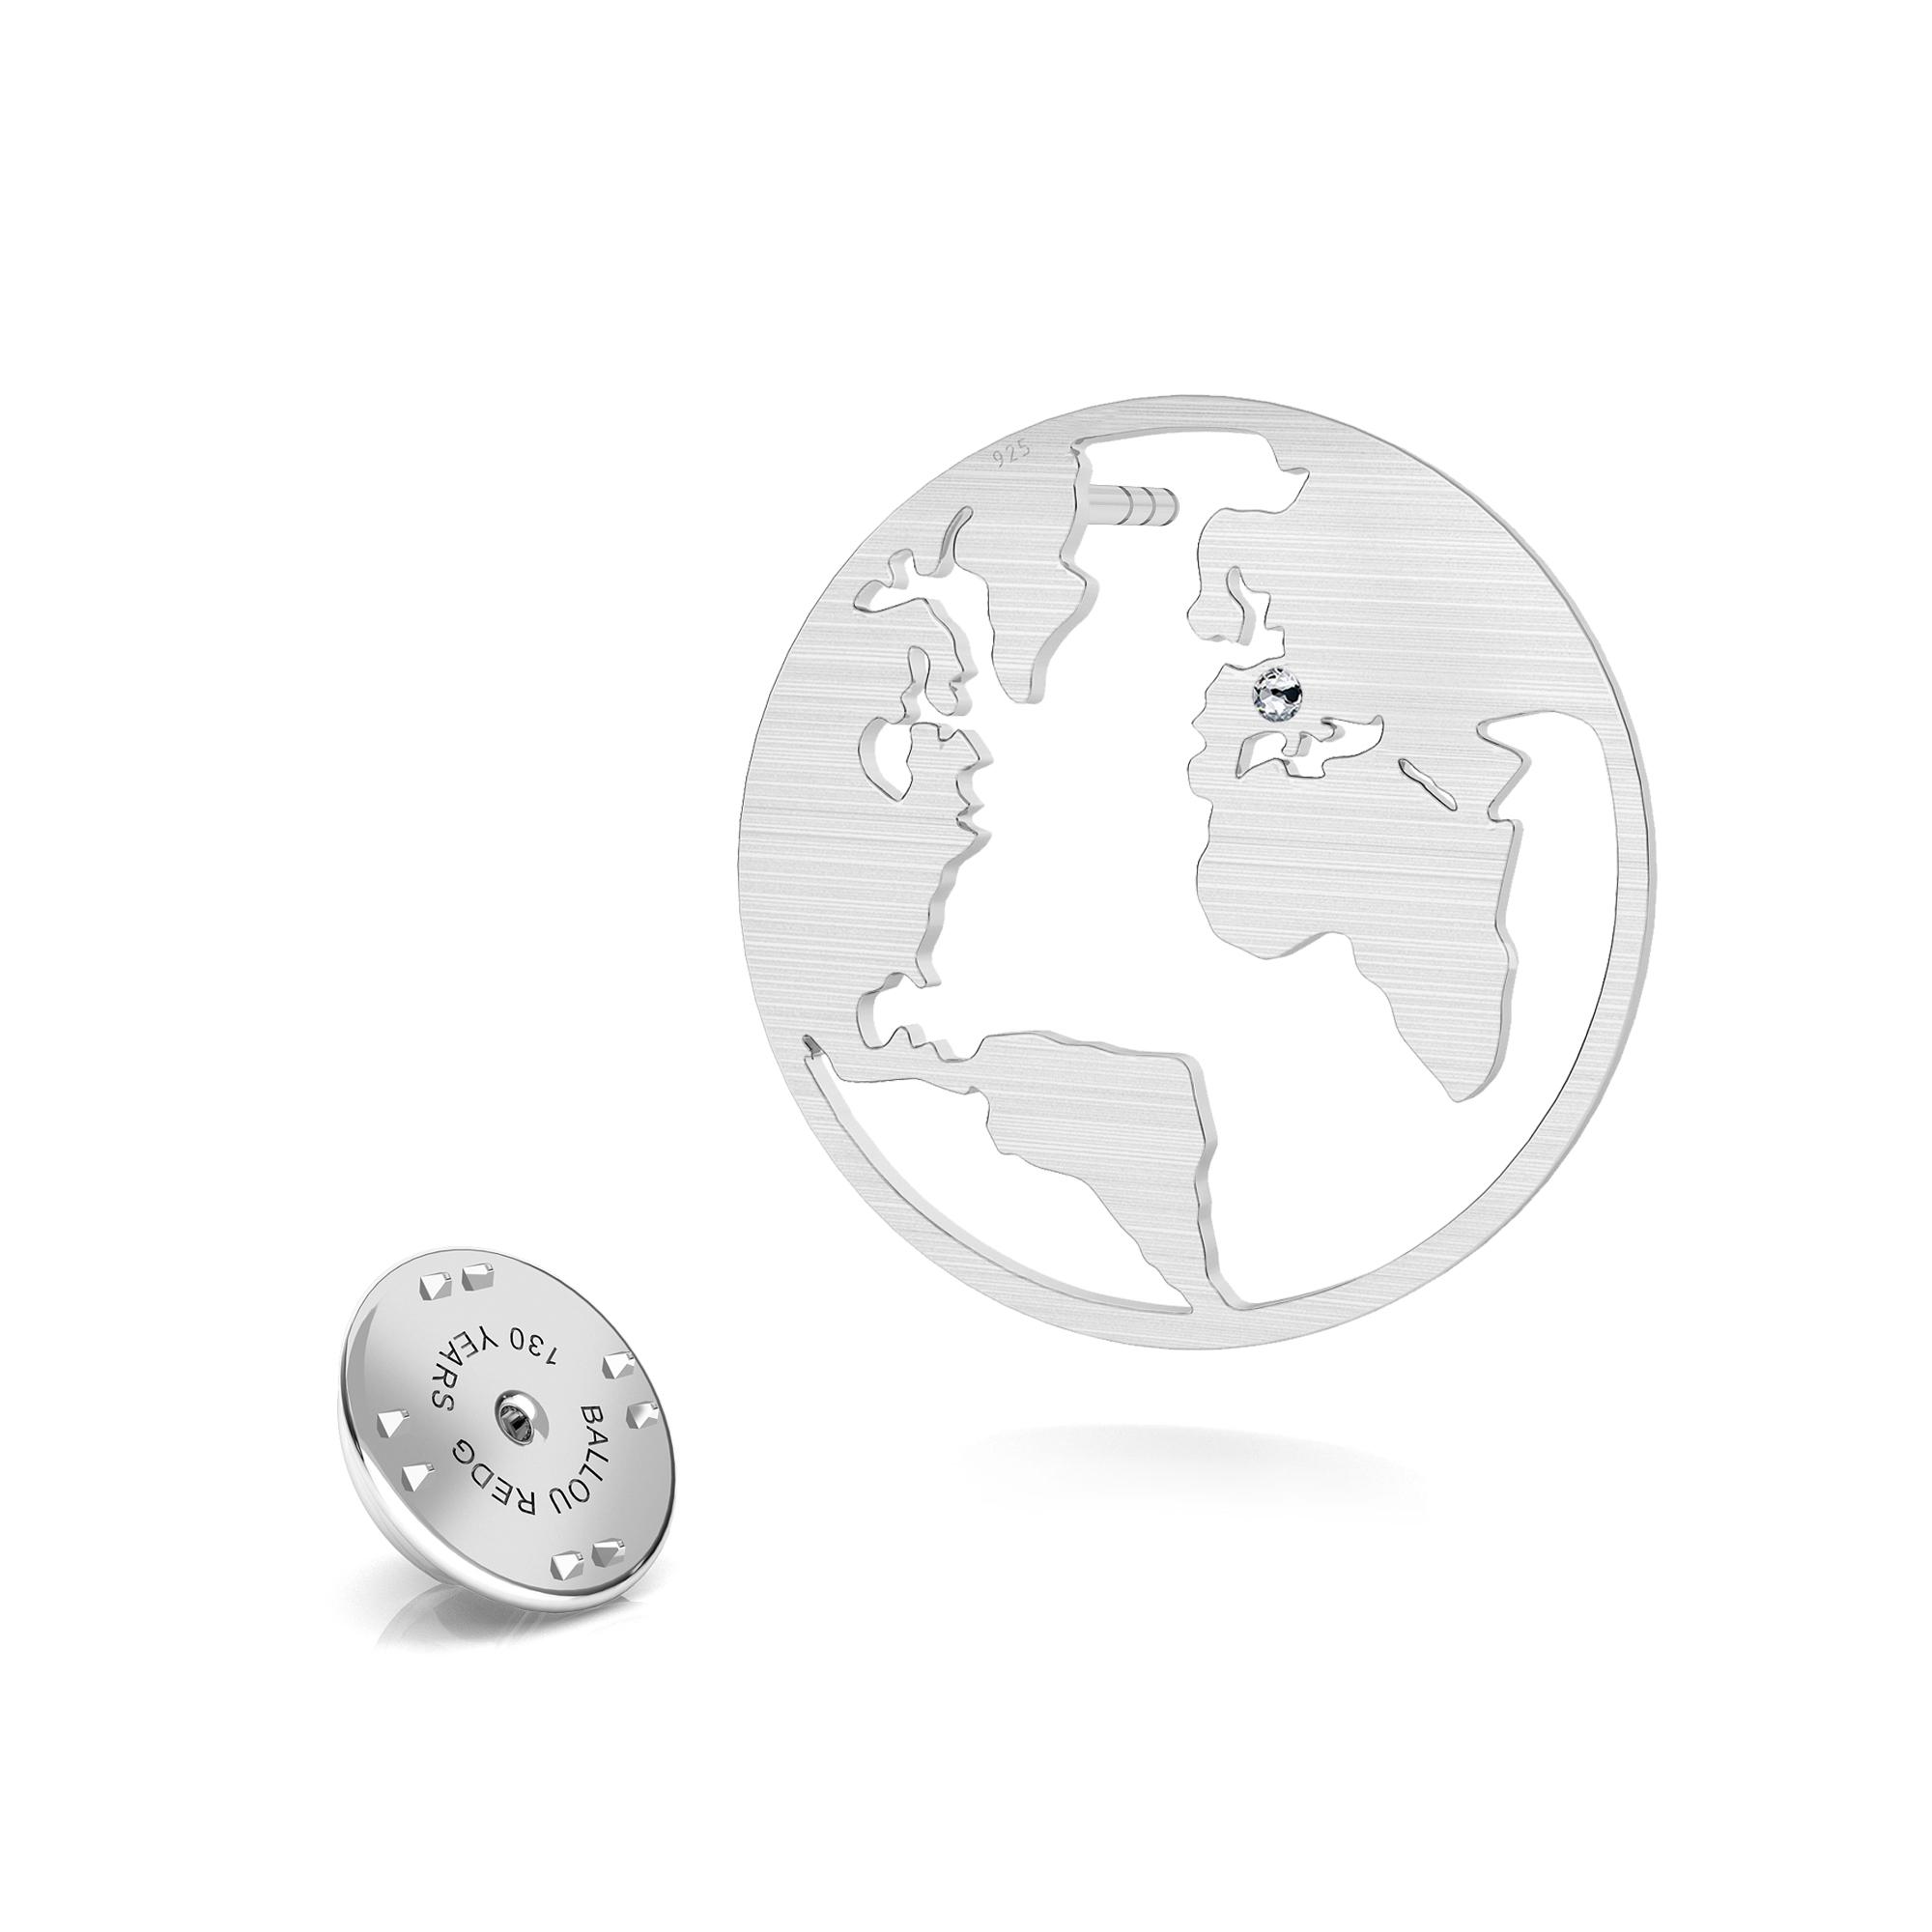 Globo terráqueo pin de solapa, plata 925